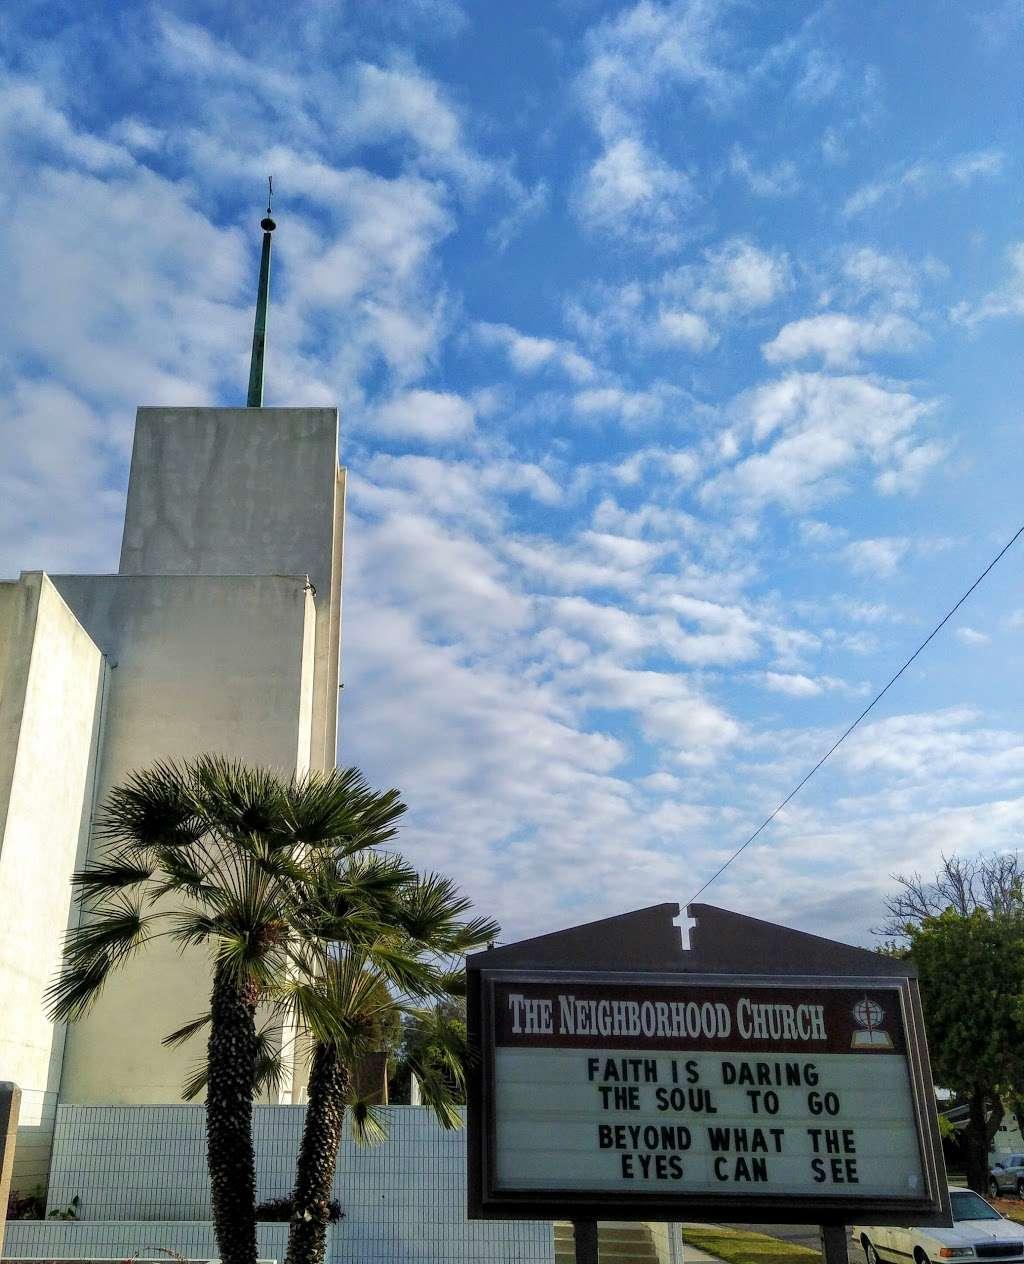 The Neighborhood Church - church    Photo 2 of 2   Address: 3435 San Anseline Ave, Long Beach, CA 90808, USA   Phone: (562) 425-1235